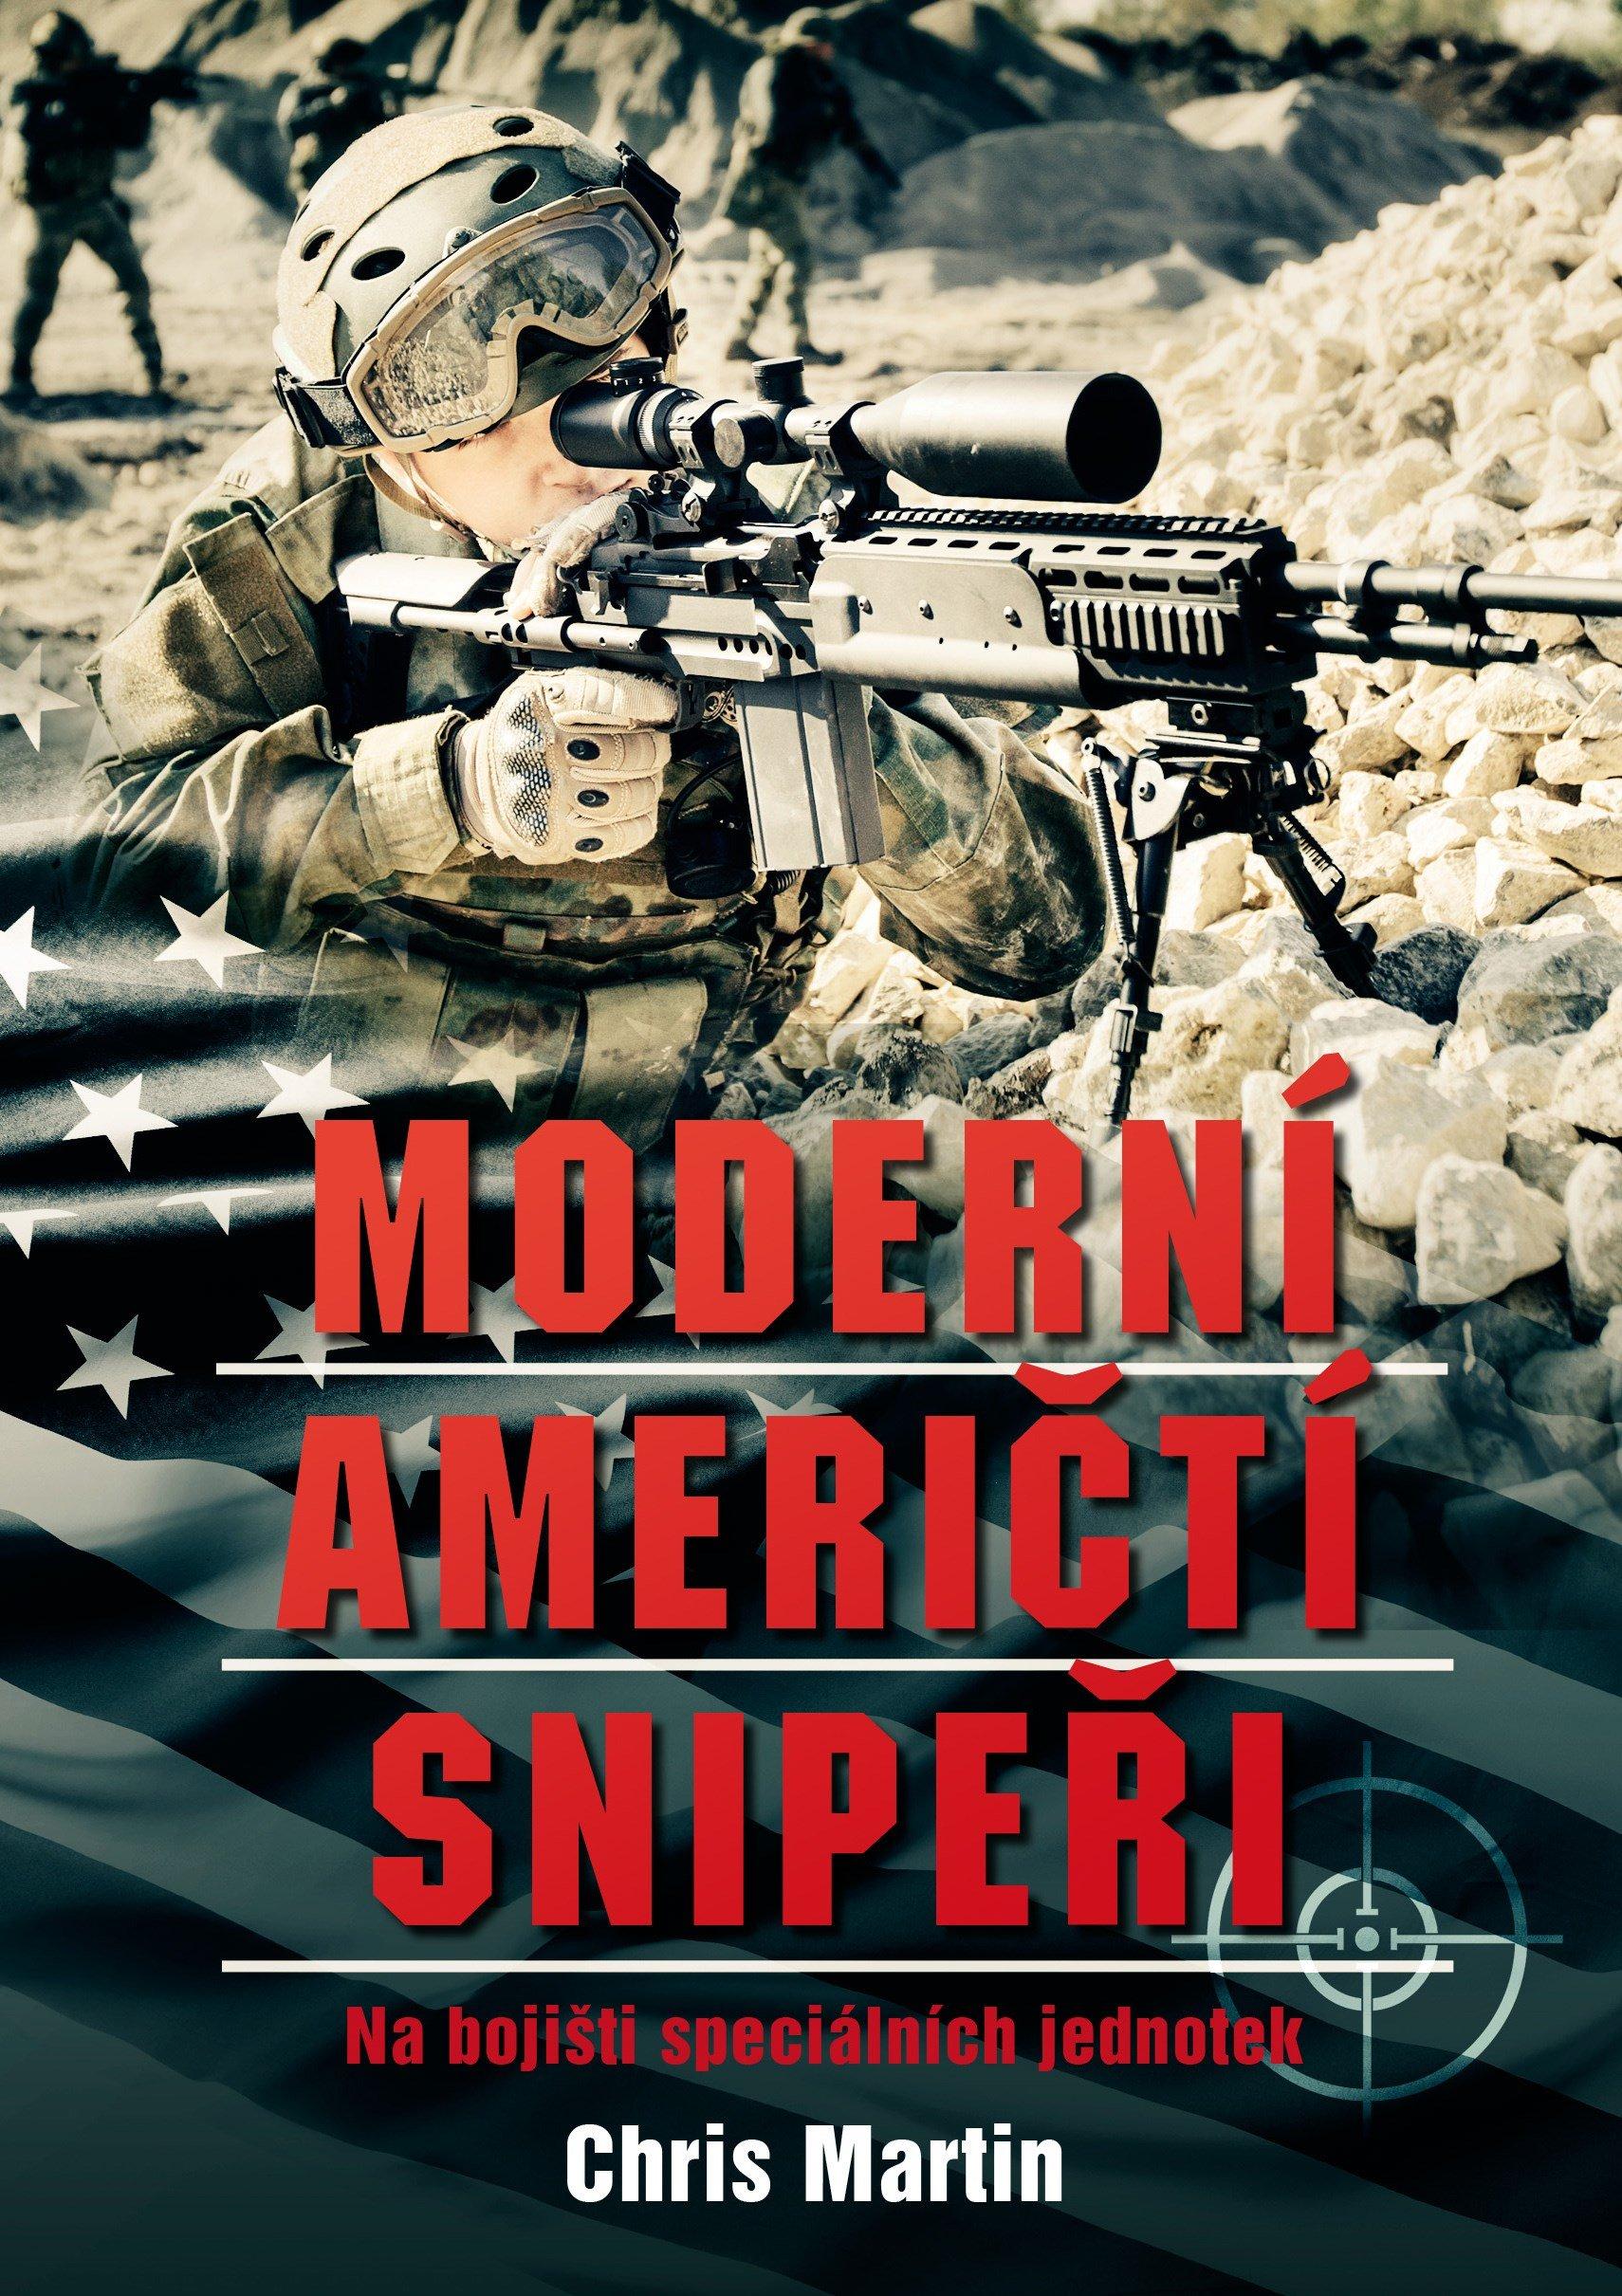 Moderní američtí snipeři - Chris Martin